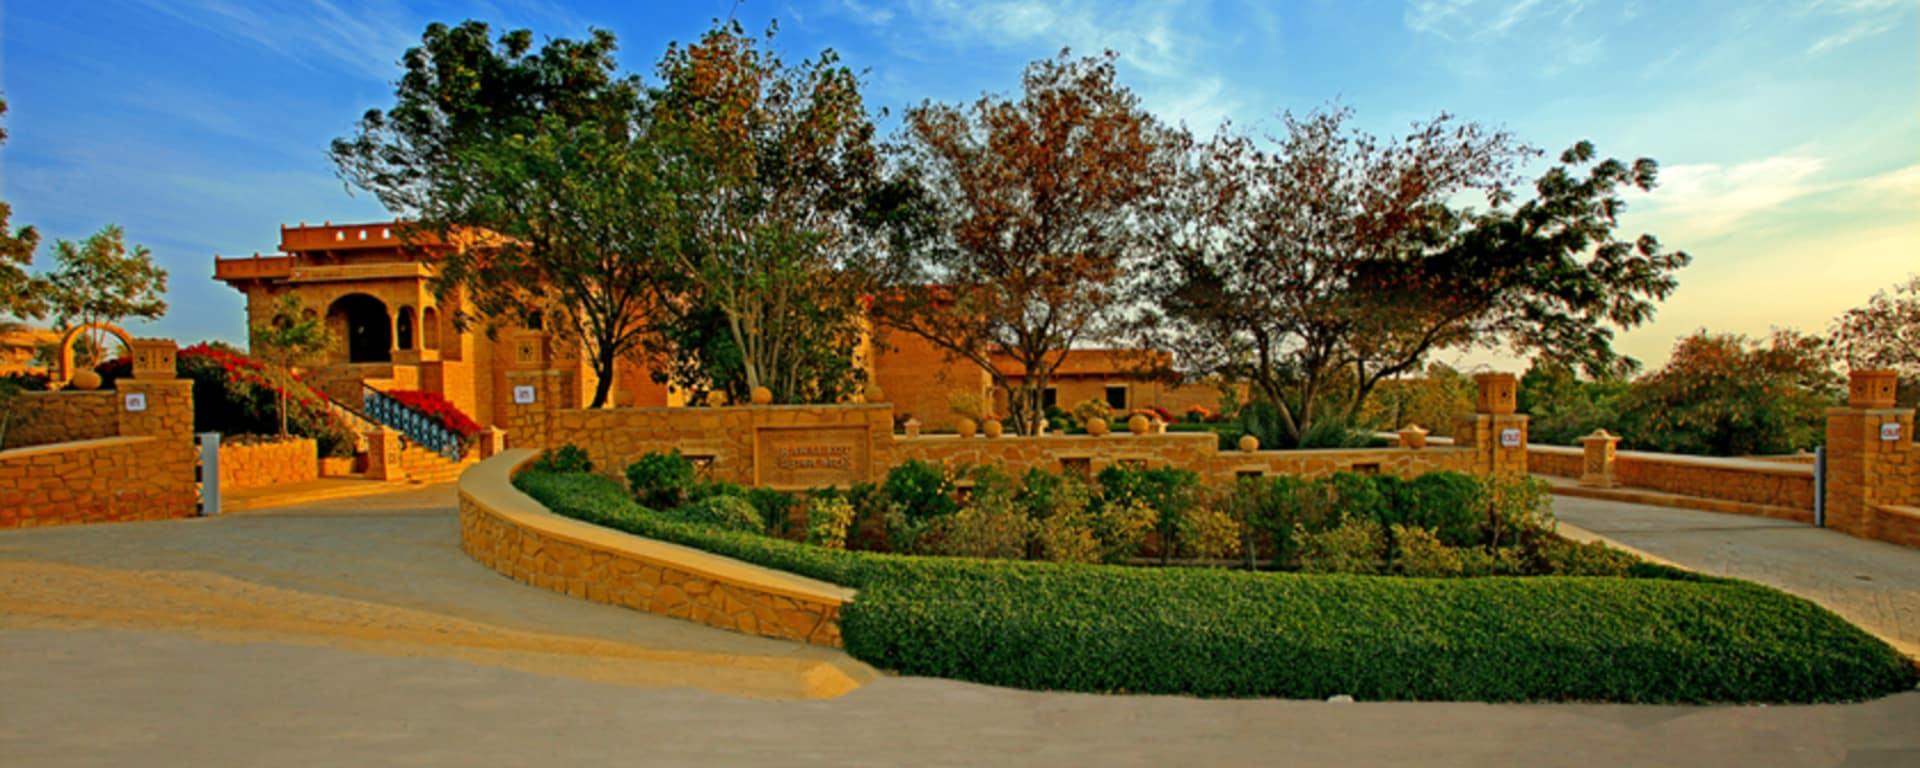 Rawalkot à Jaisalmer: Entrance